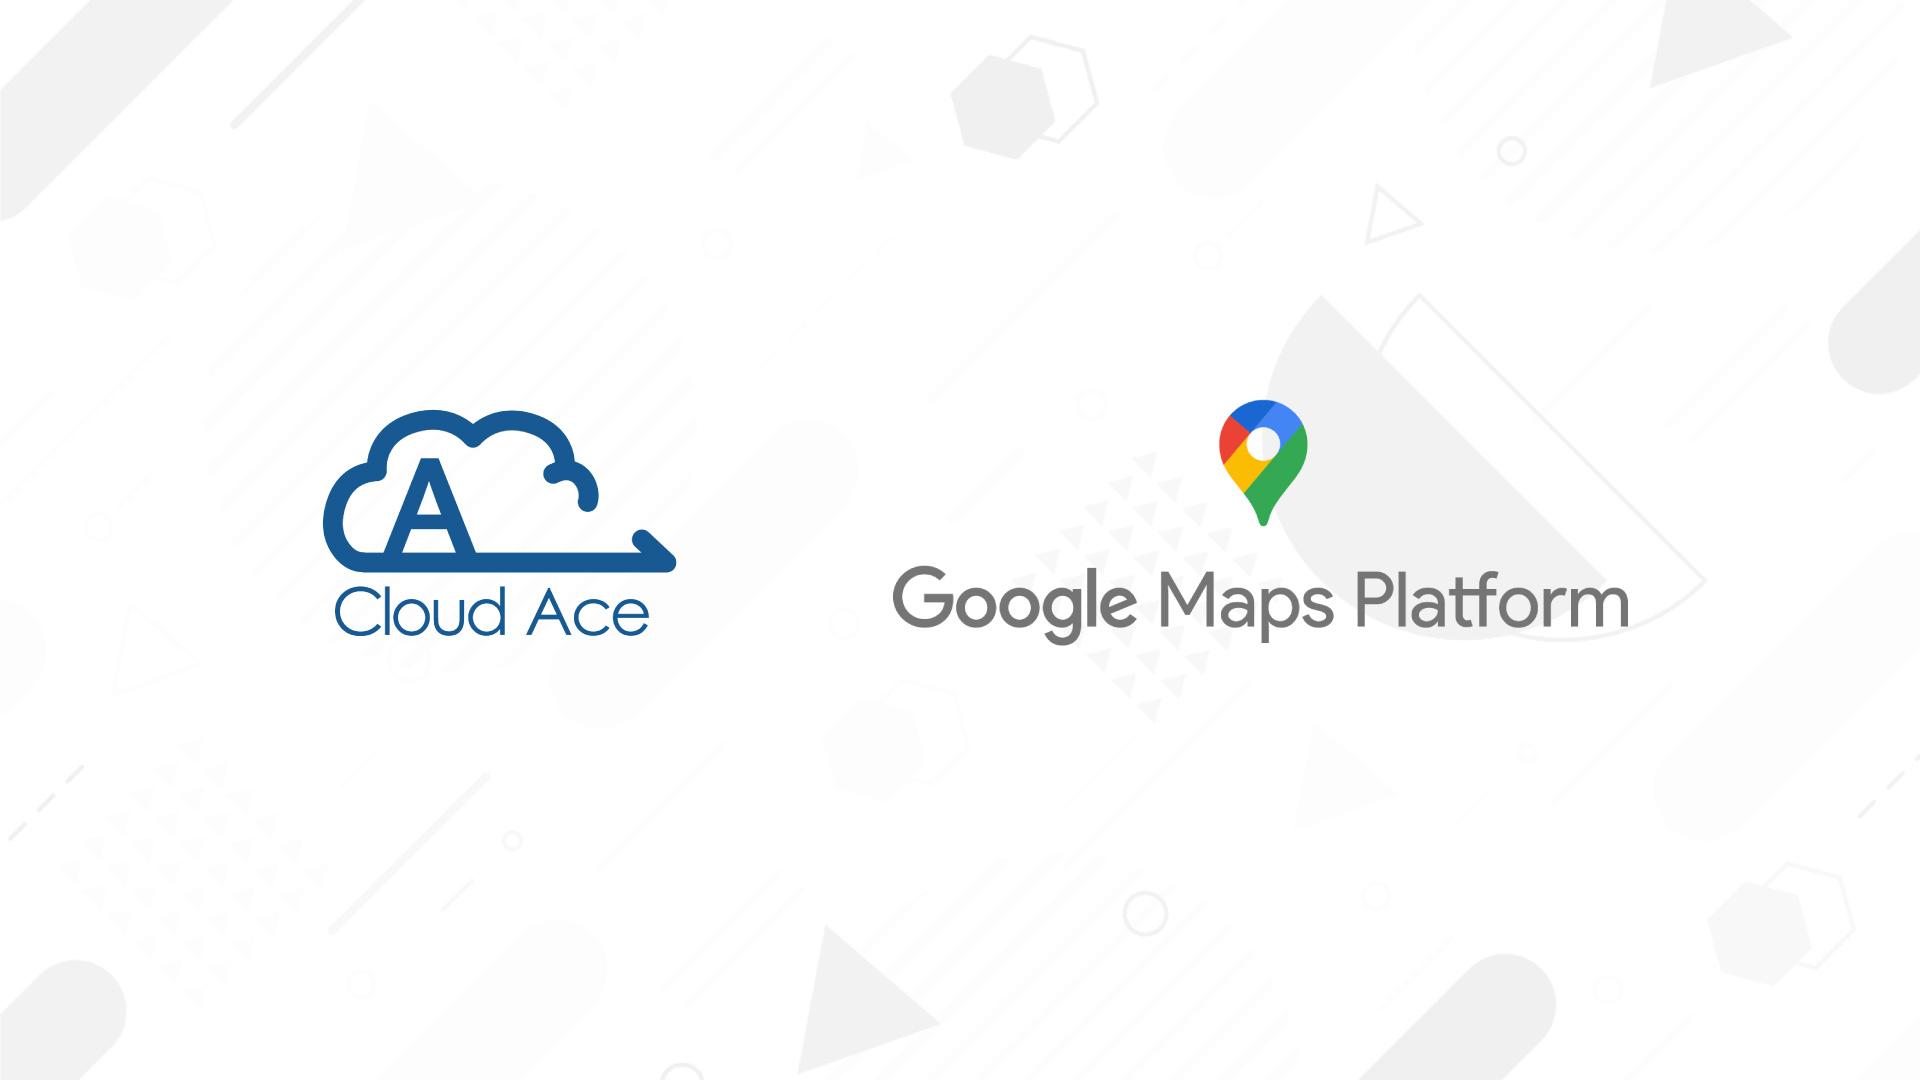 Cloud Ace พร้อมให้บริการสำหรับแพลตฟอร์ม Google Maps ในฐานะ Service Partner